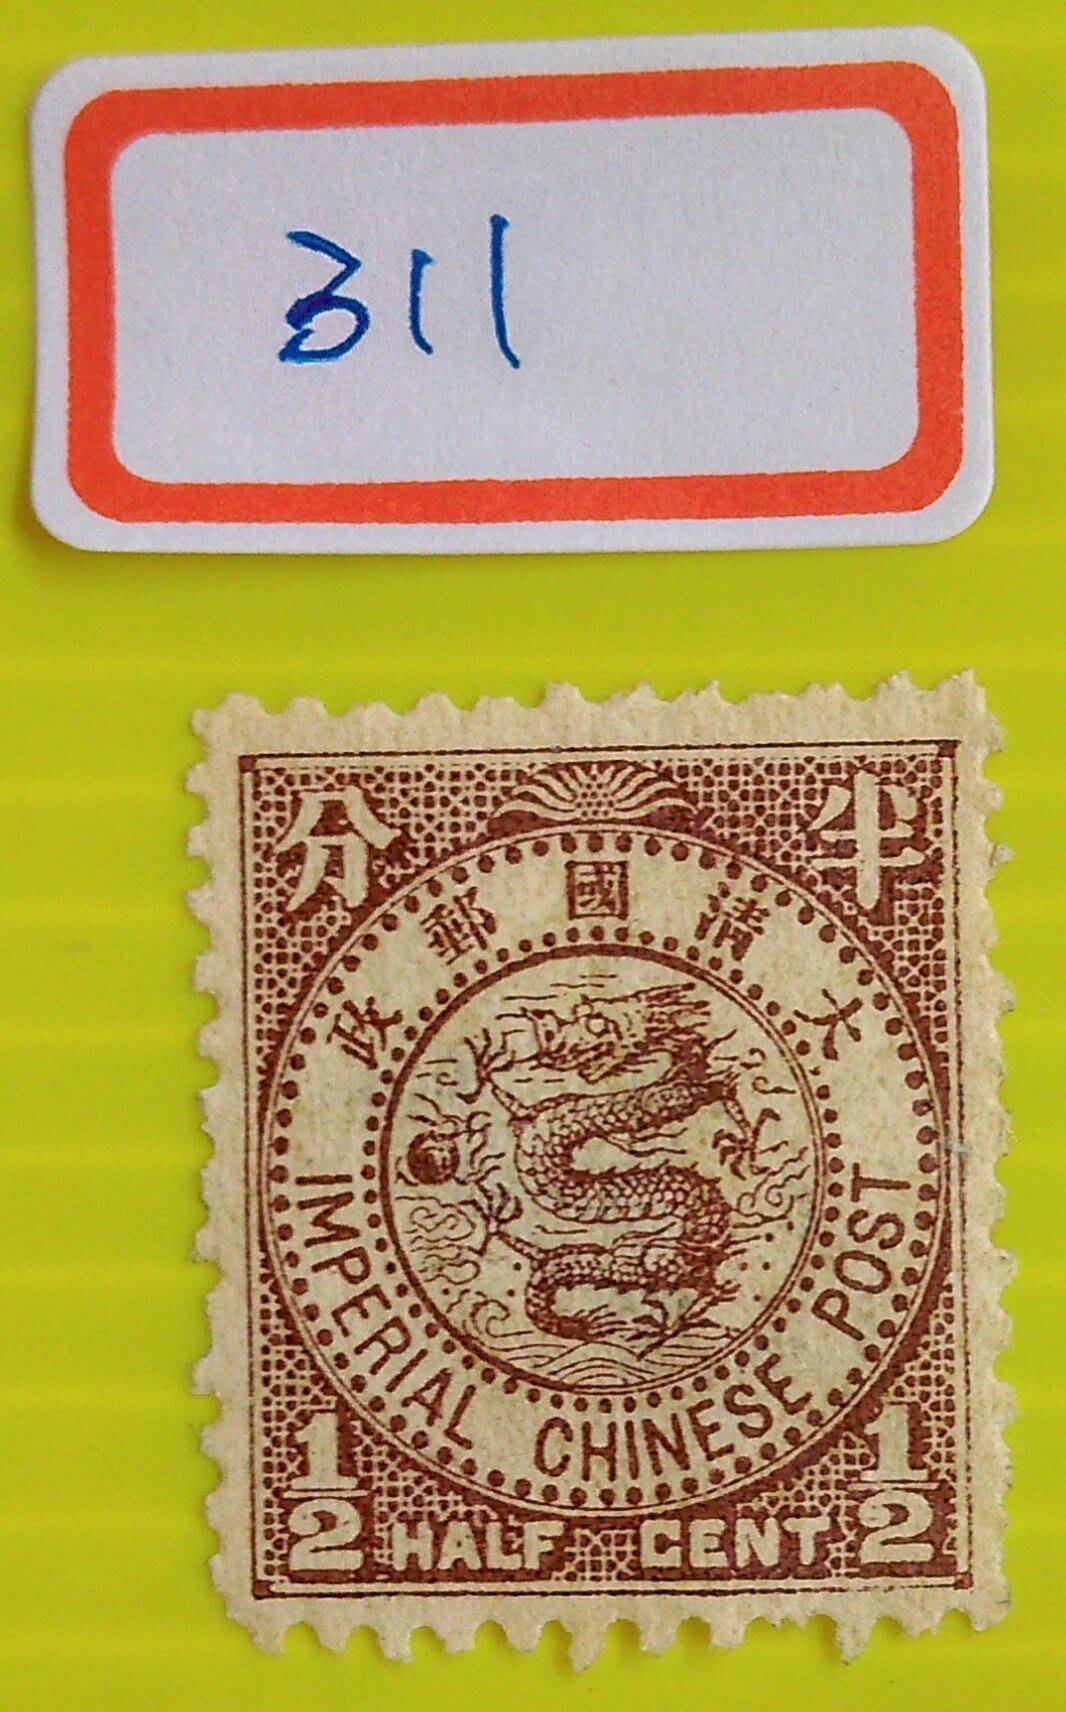 直購價*(311)早期珍郵~[清代日本版蟠龍]郵票~半分一枚~品相如圖